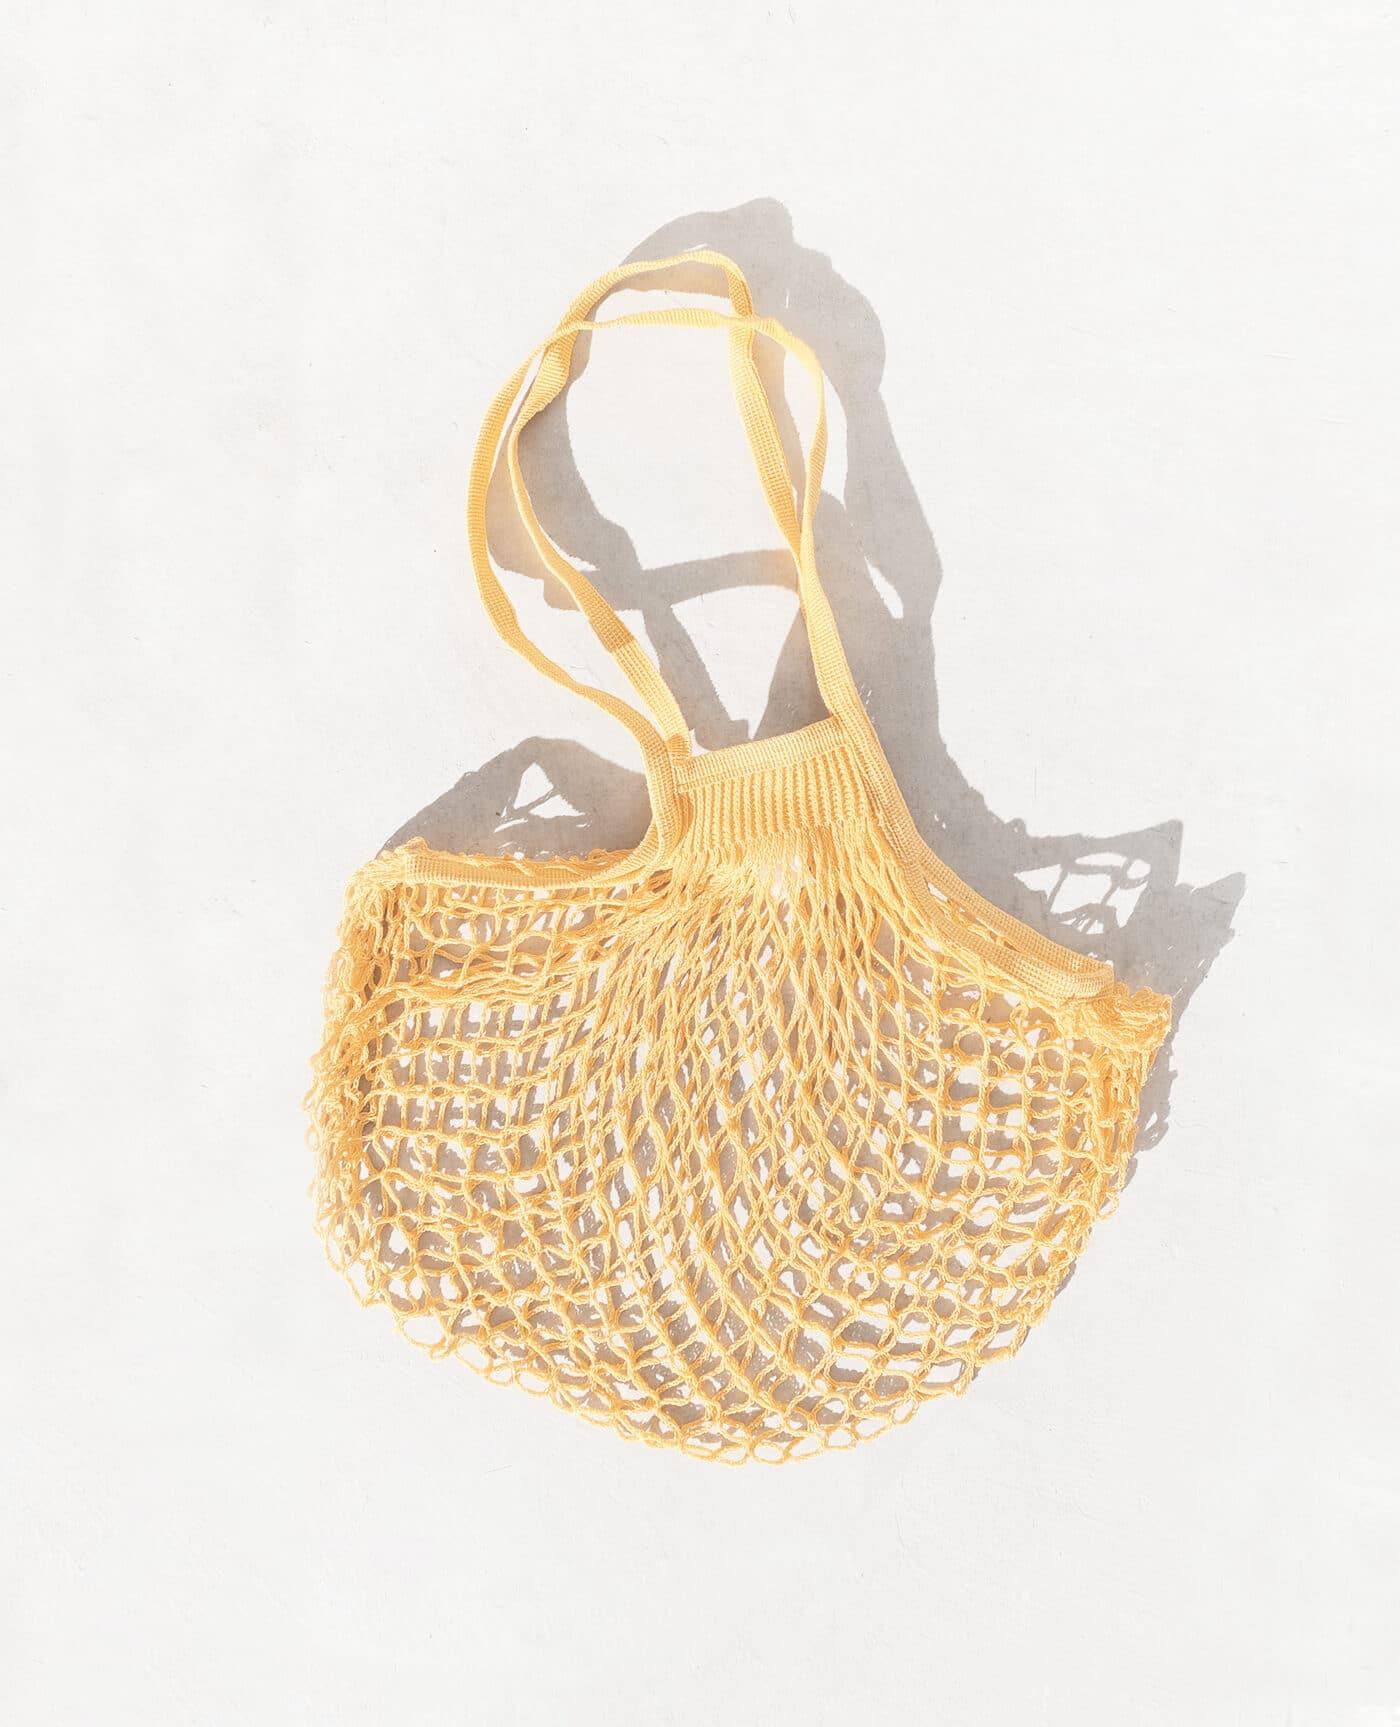 Sac filet à provision vegan avec un look vintage de la marque Filt 1860 Made in France de couleur jaune gold